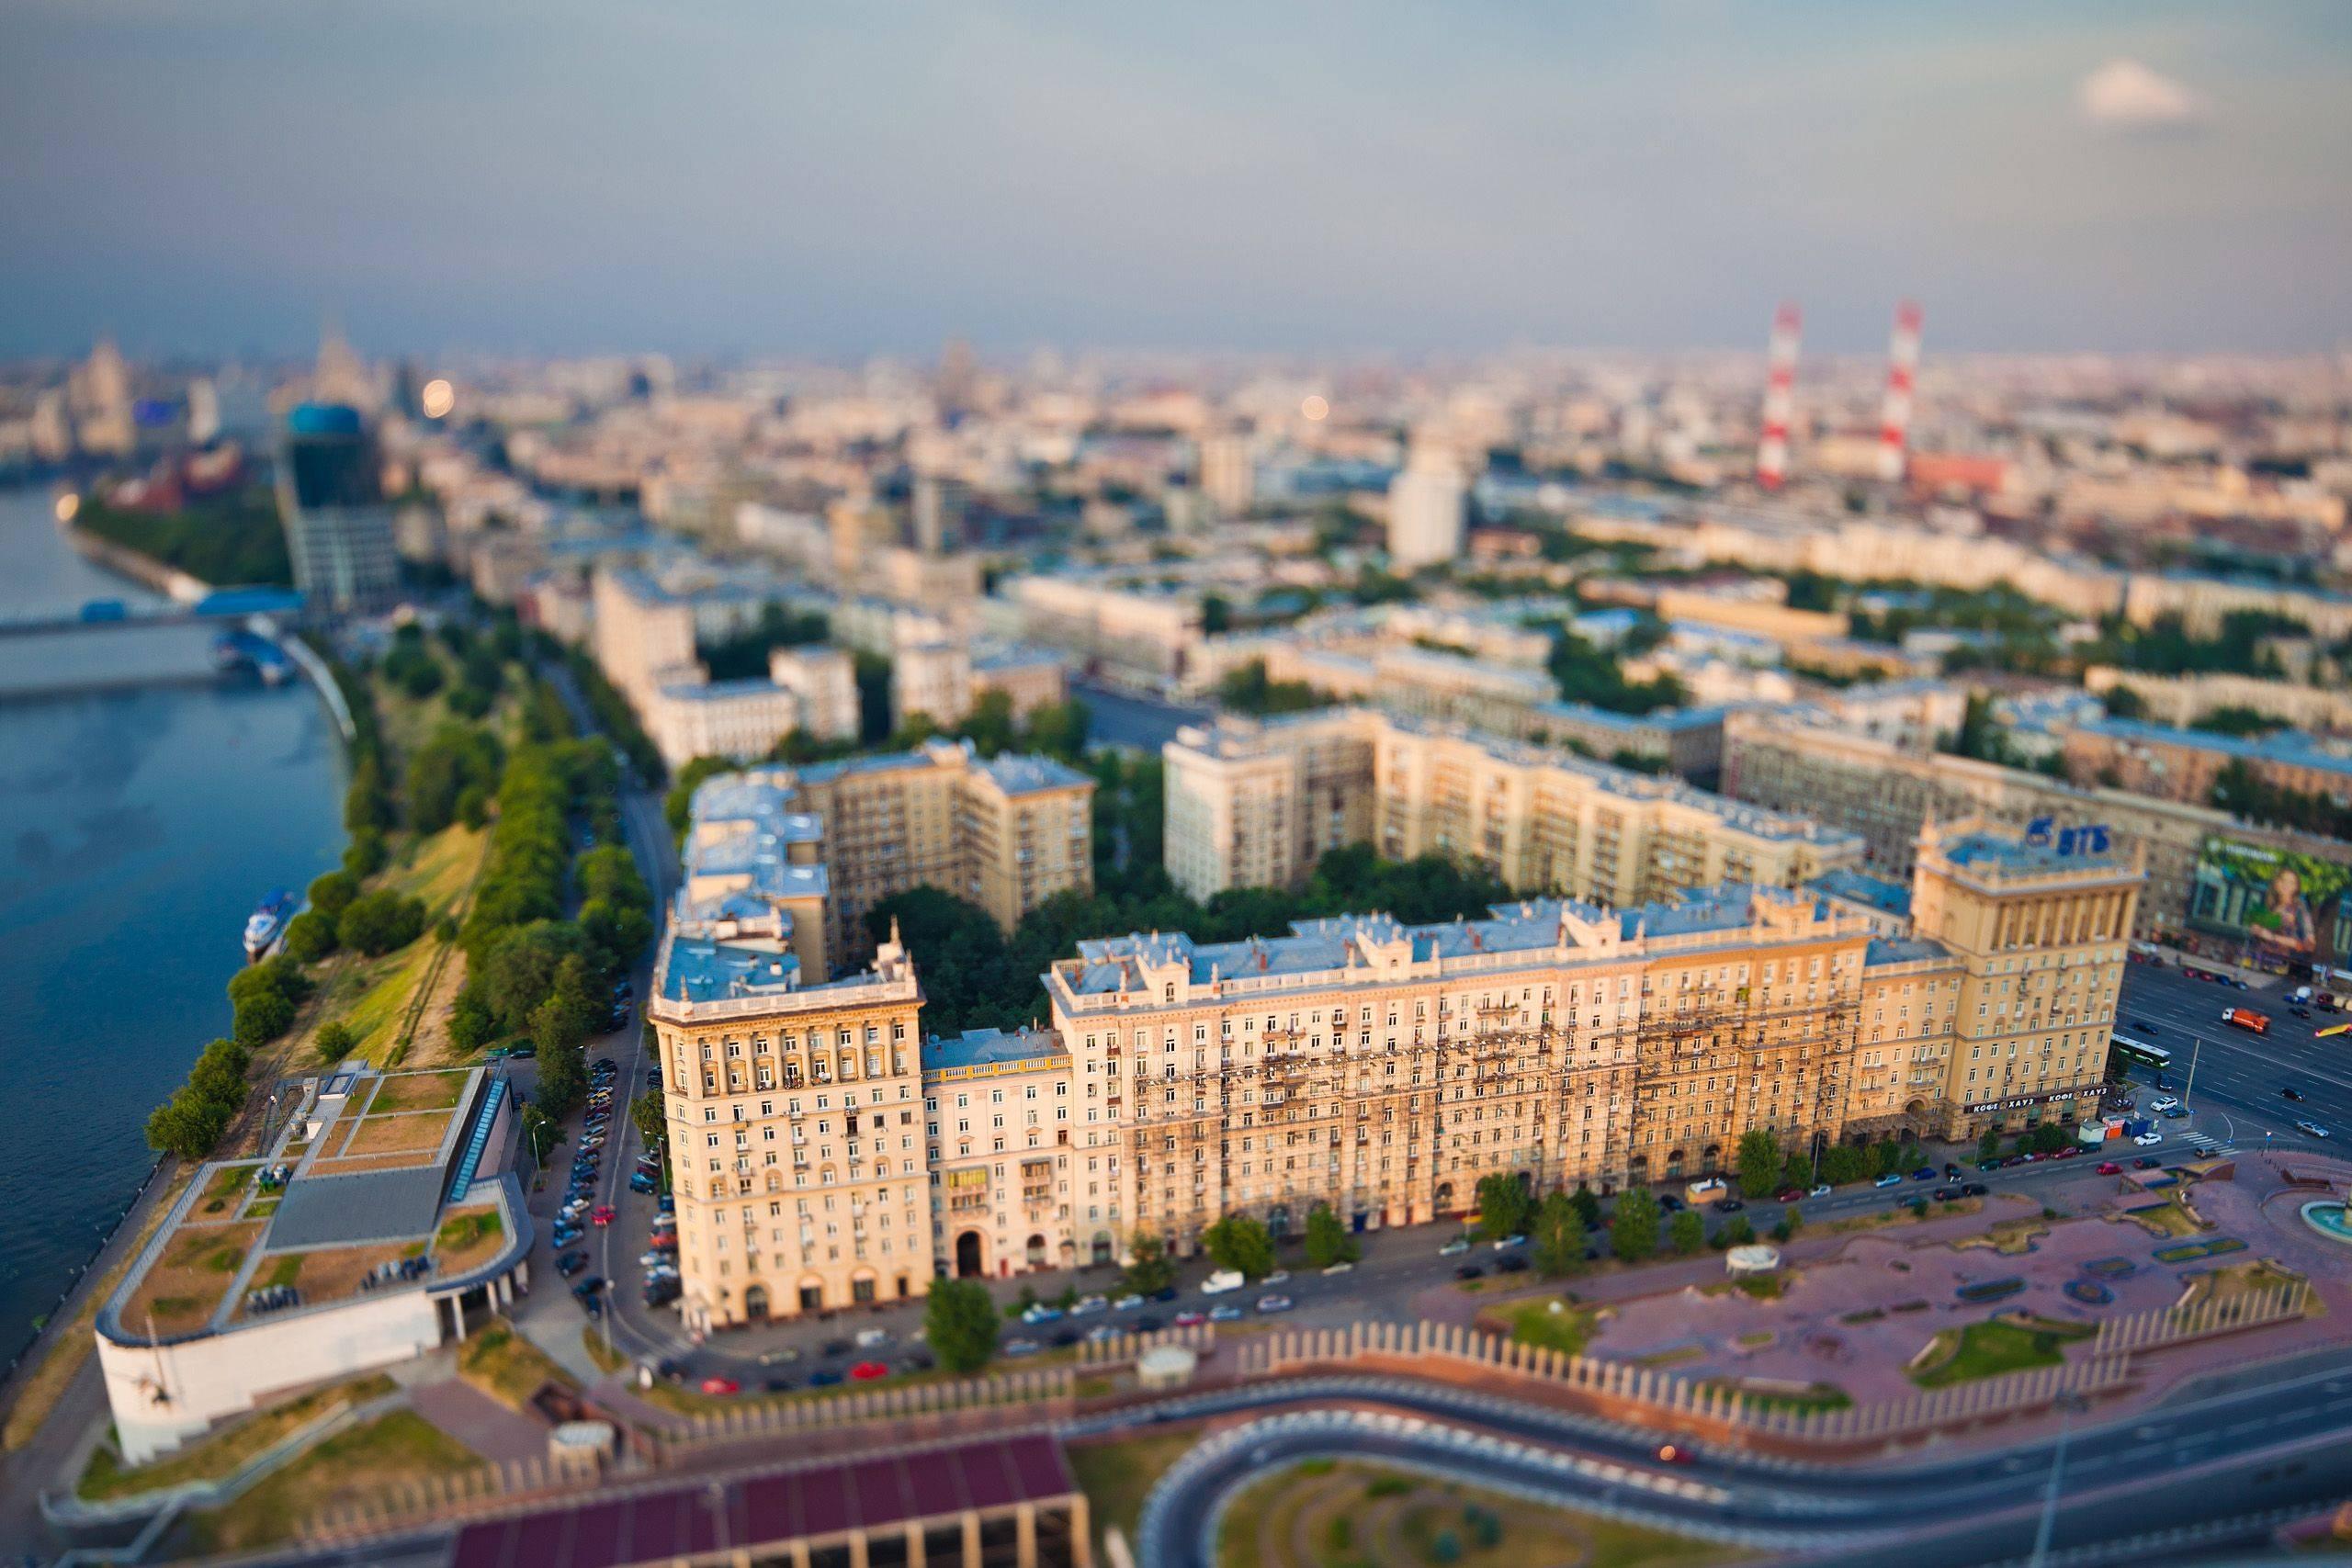 В Москве разработают новые градостроительные концепции для 11 округов